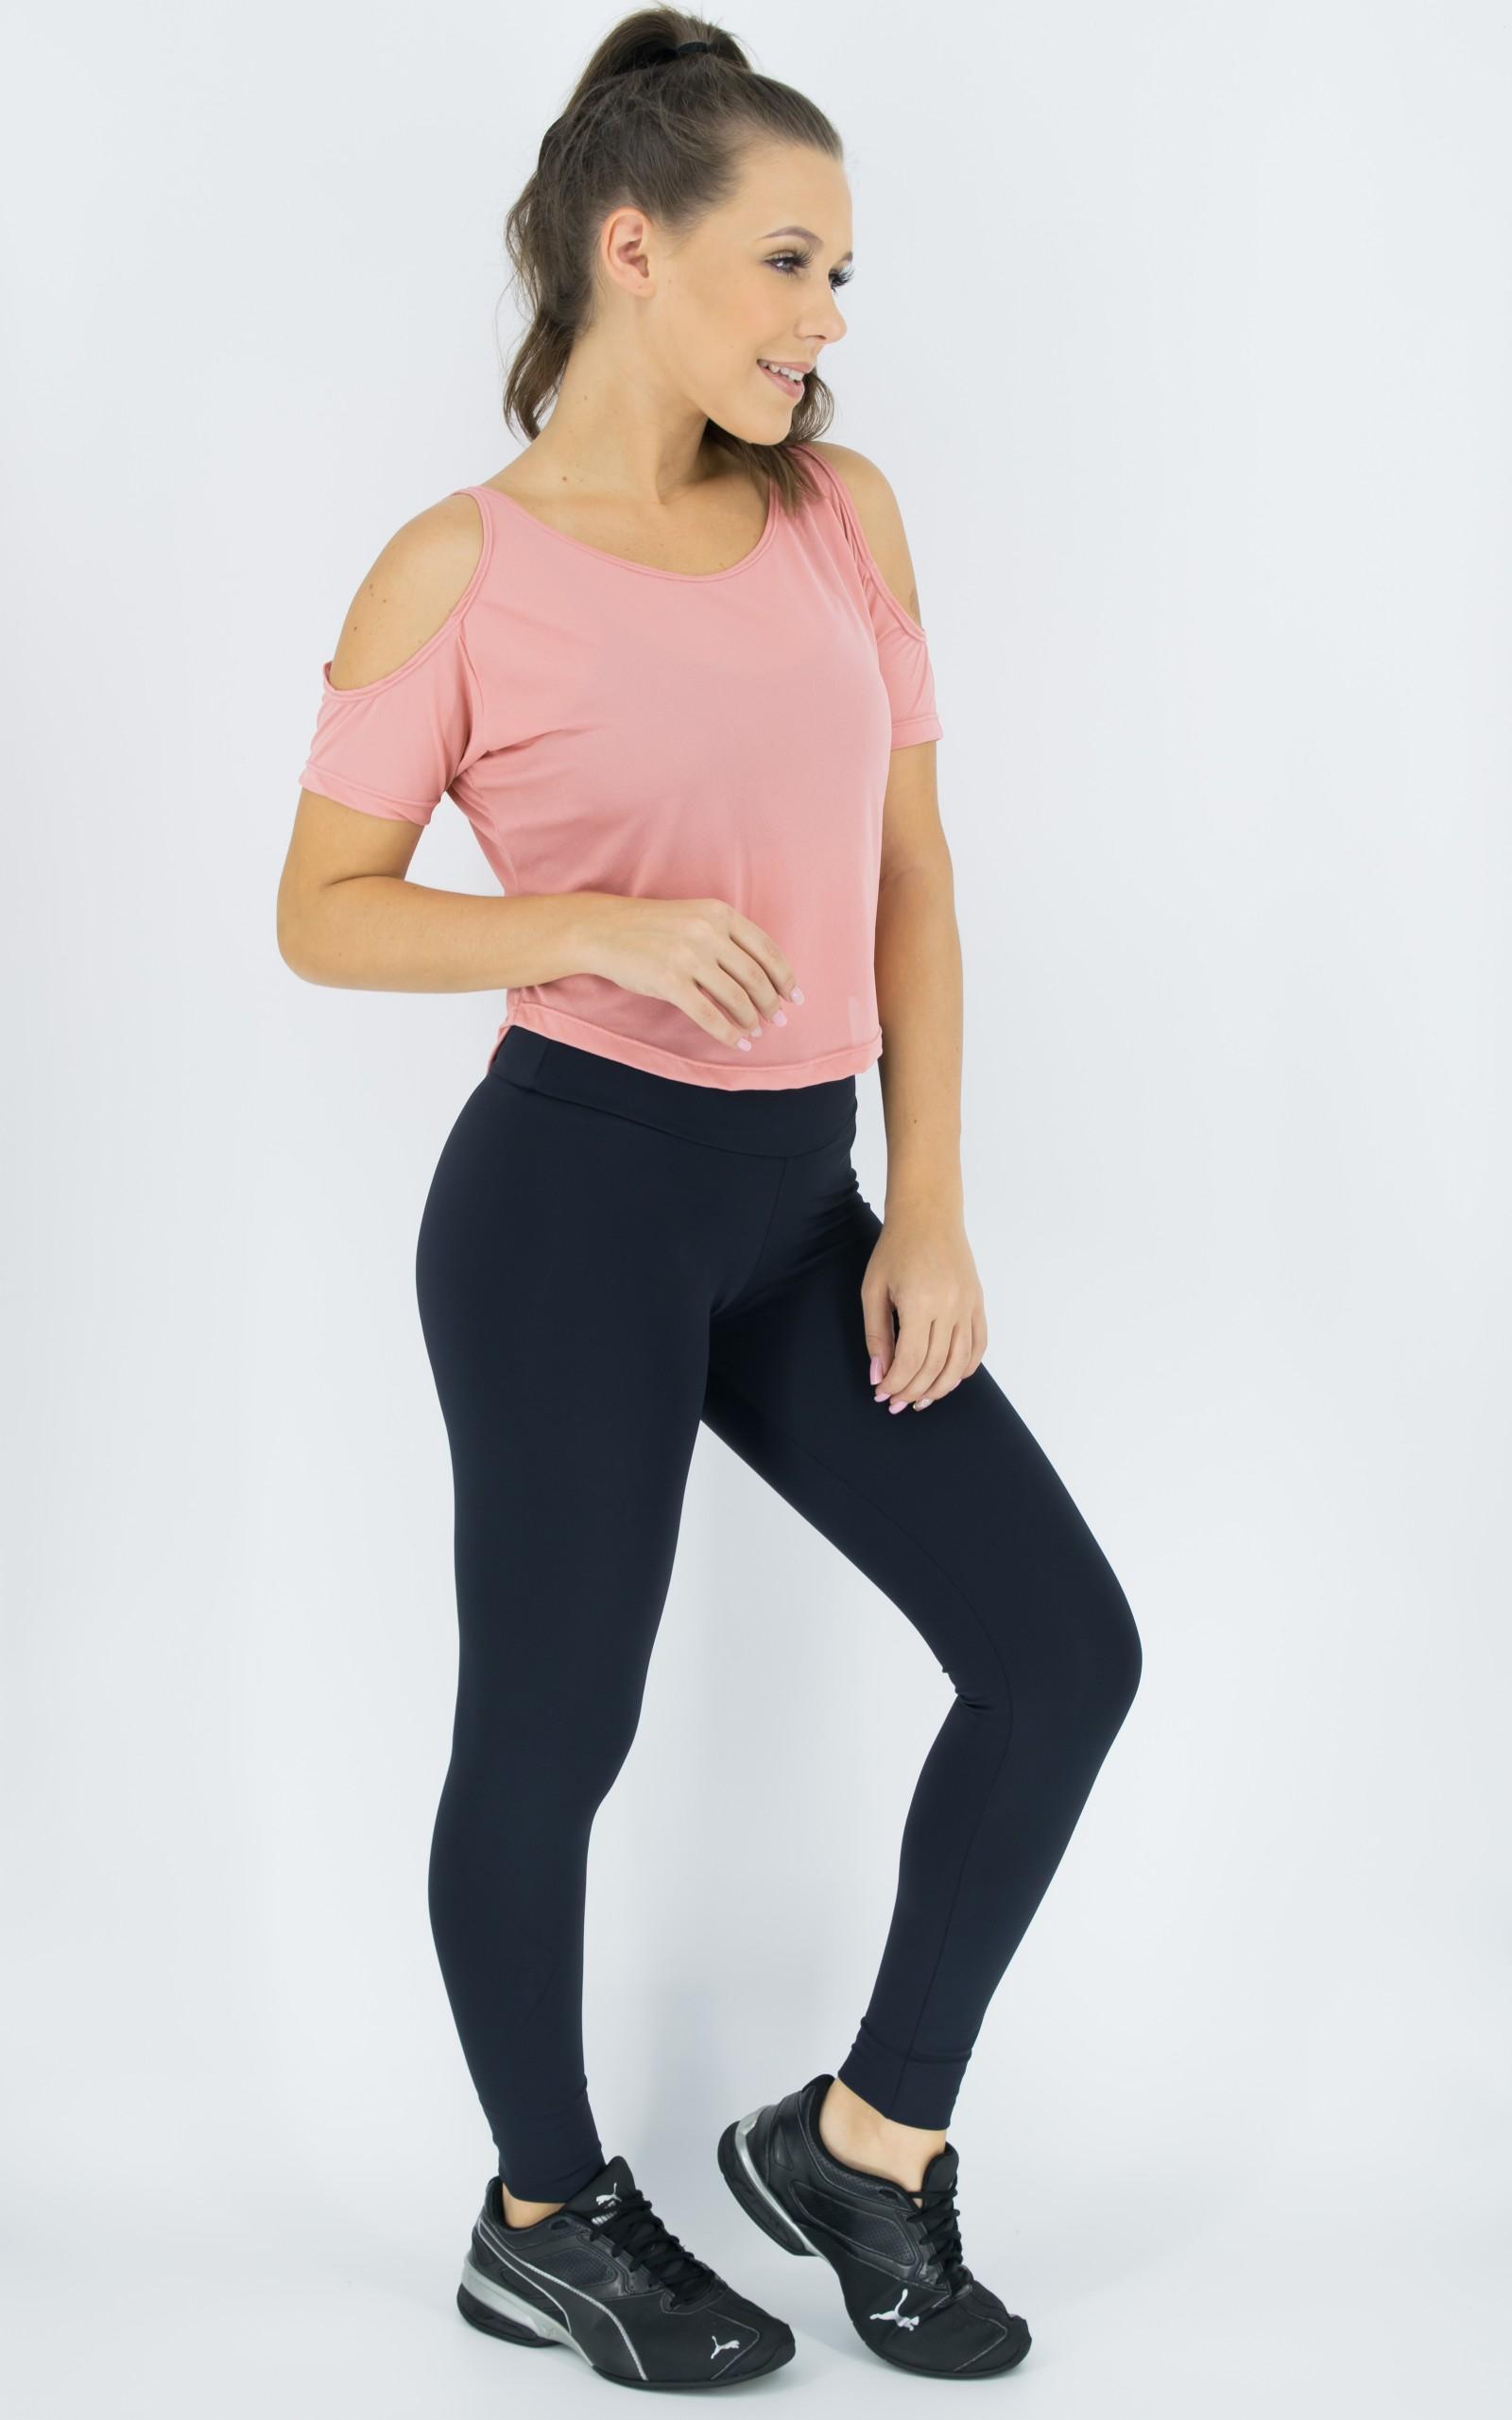 Blusa Like Pêssego, Coleção Move Your Body - NKT Fitwear Moda Fitness